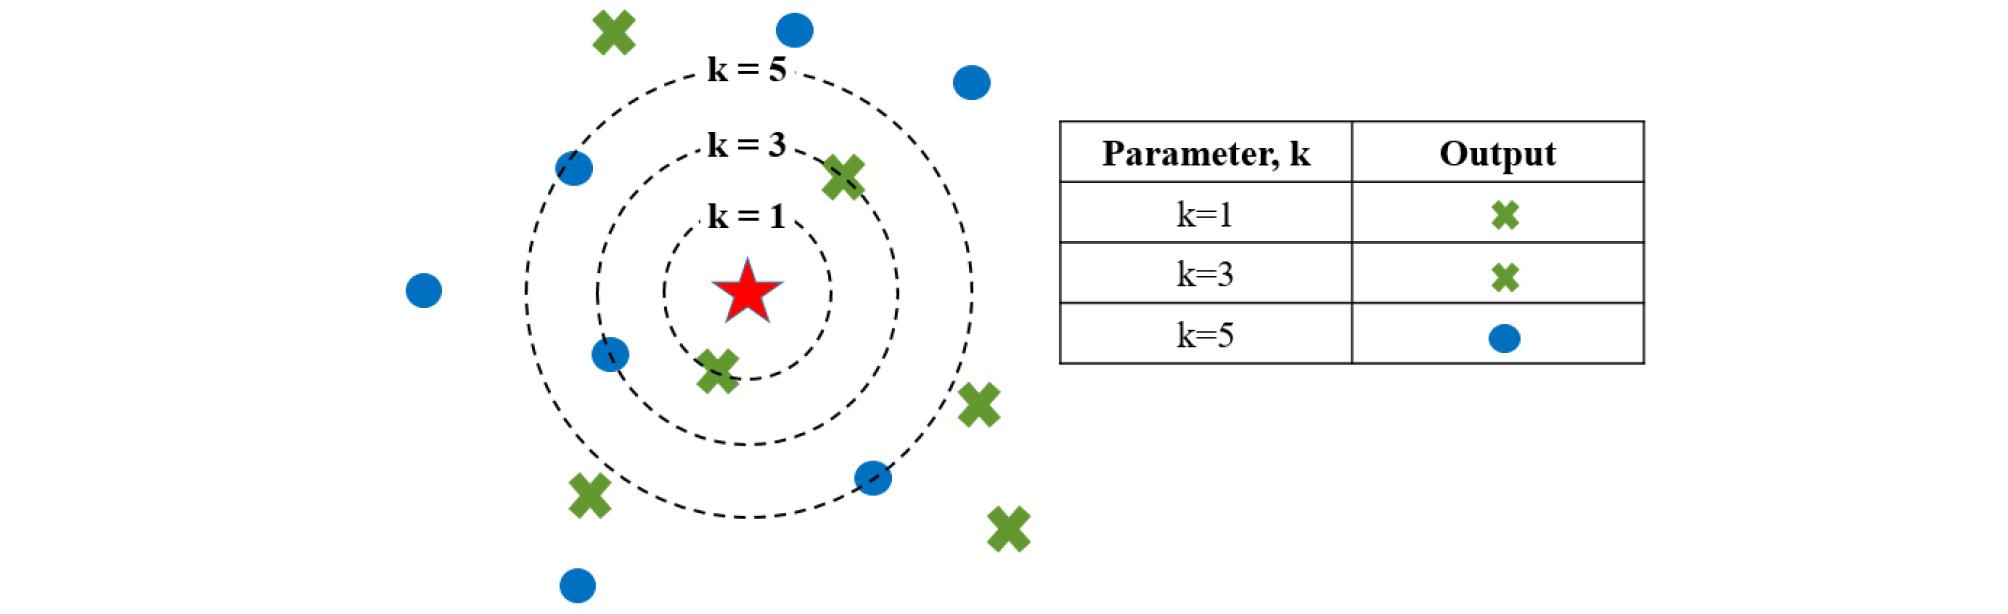 http://static.apub.kr/journalsite/sites/kta/2020-022-05/N0550220507/images/kta_22_05_07_F2.jpg